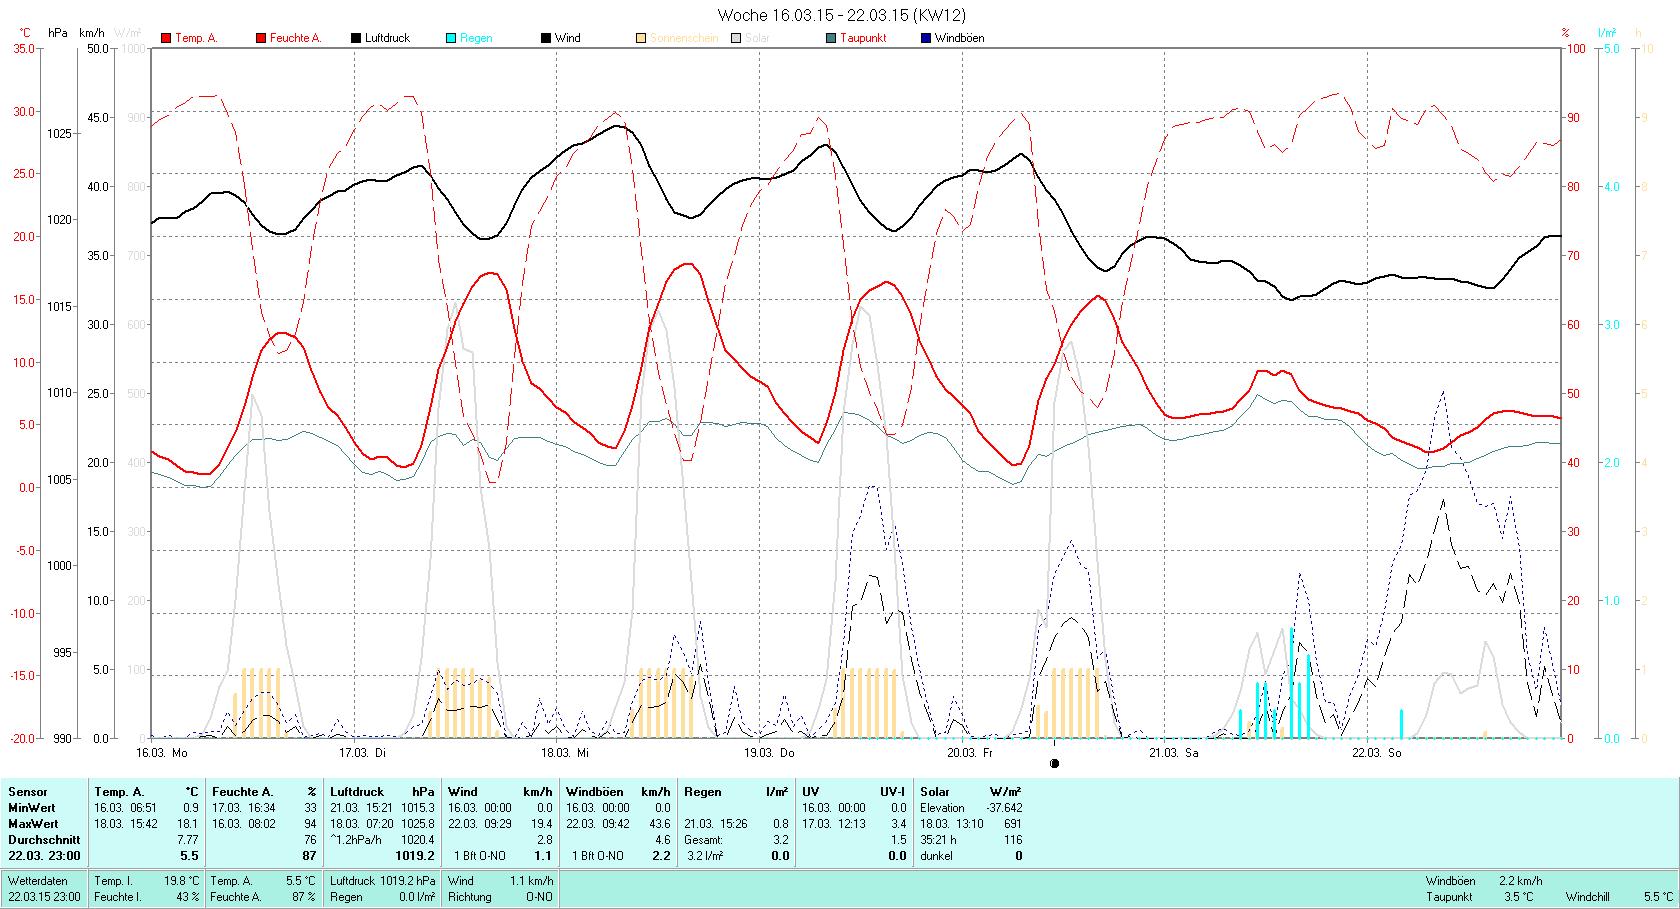 KW 12 Tmin  0.9°C, Tmax 18.1°C, Sonne 35:21h, Niederschlag 3.2mm/2